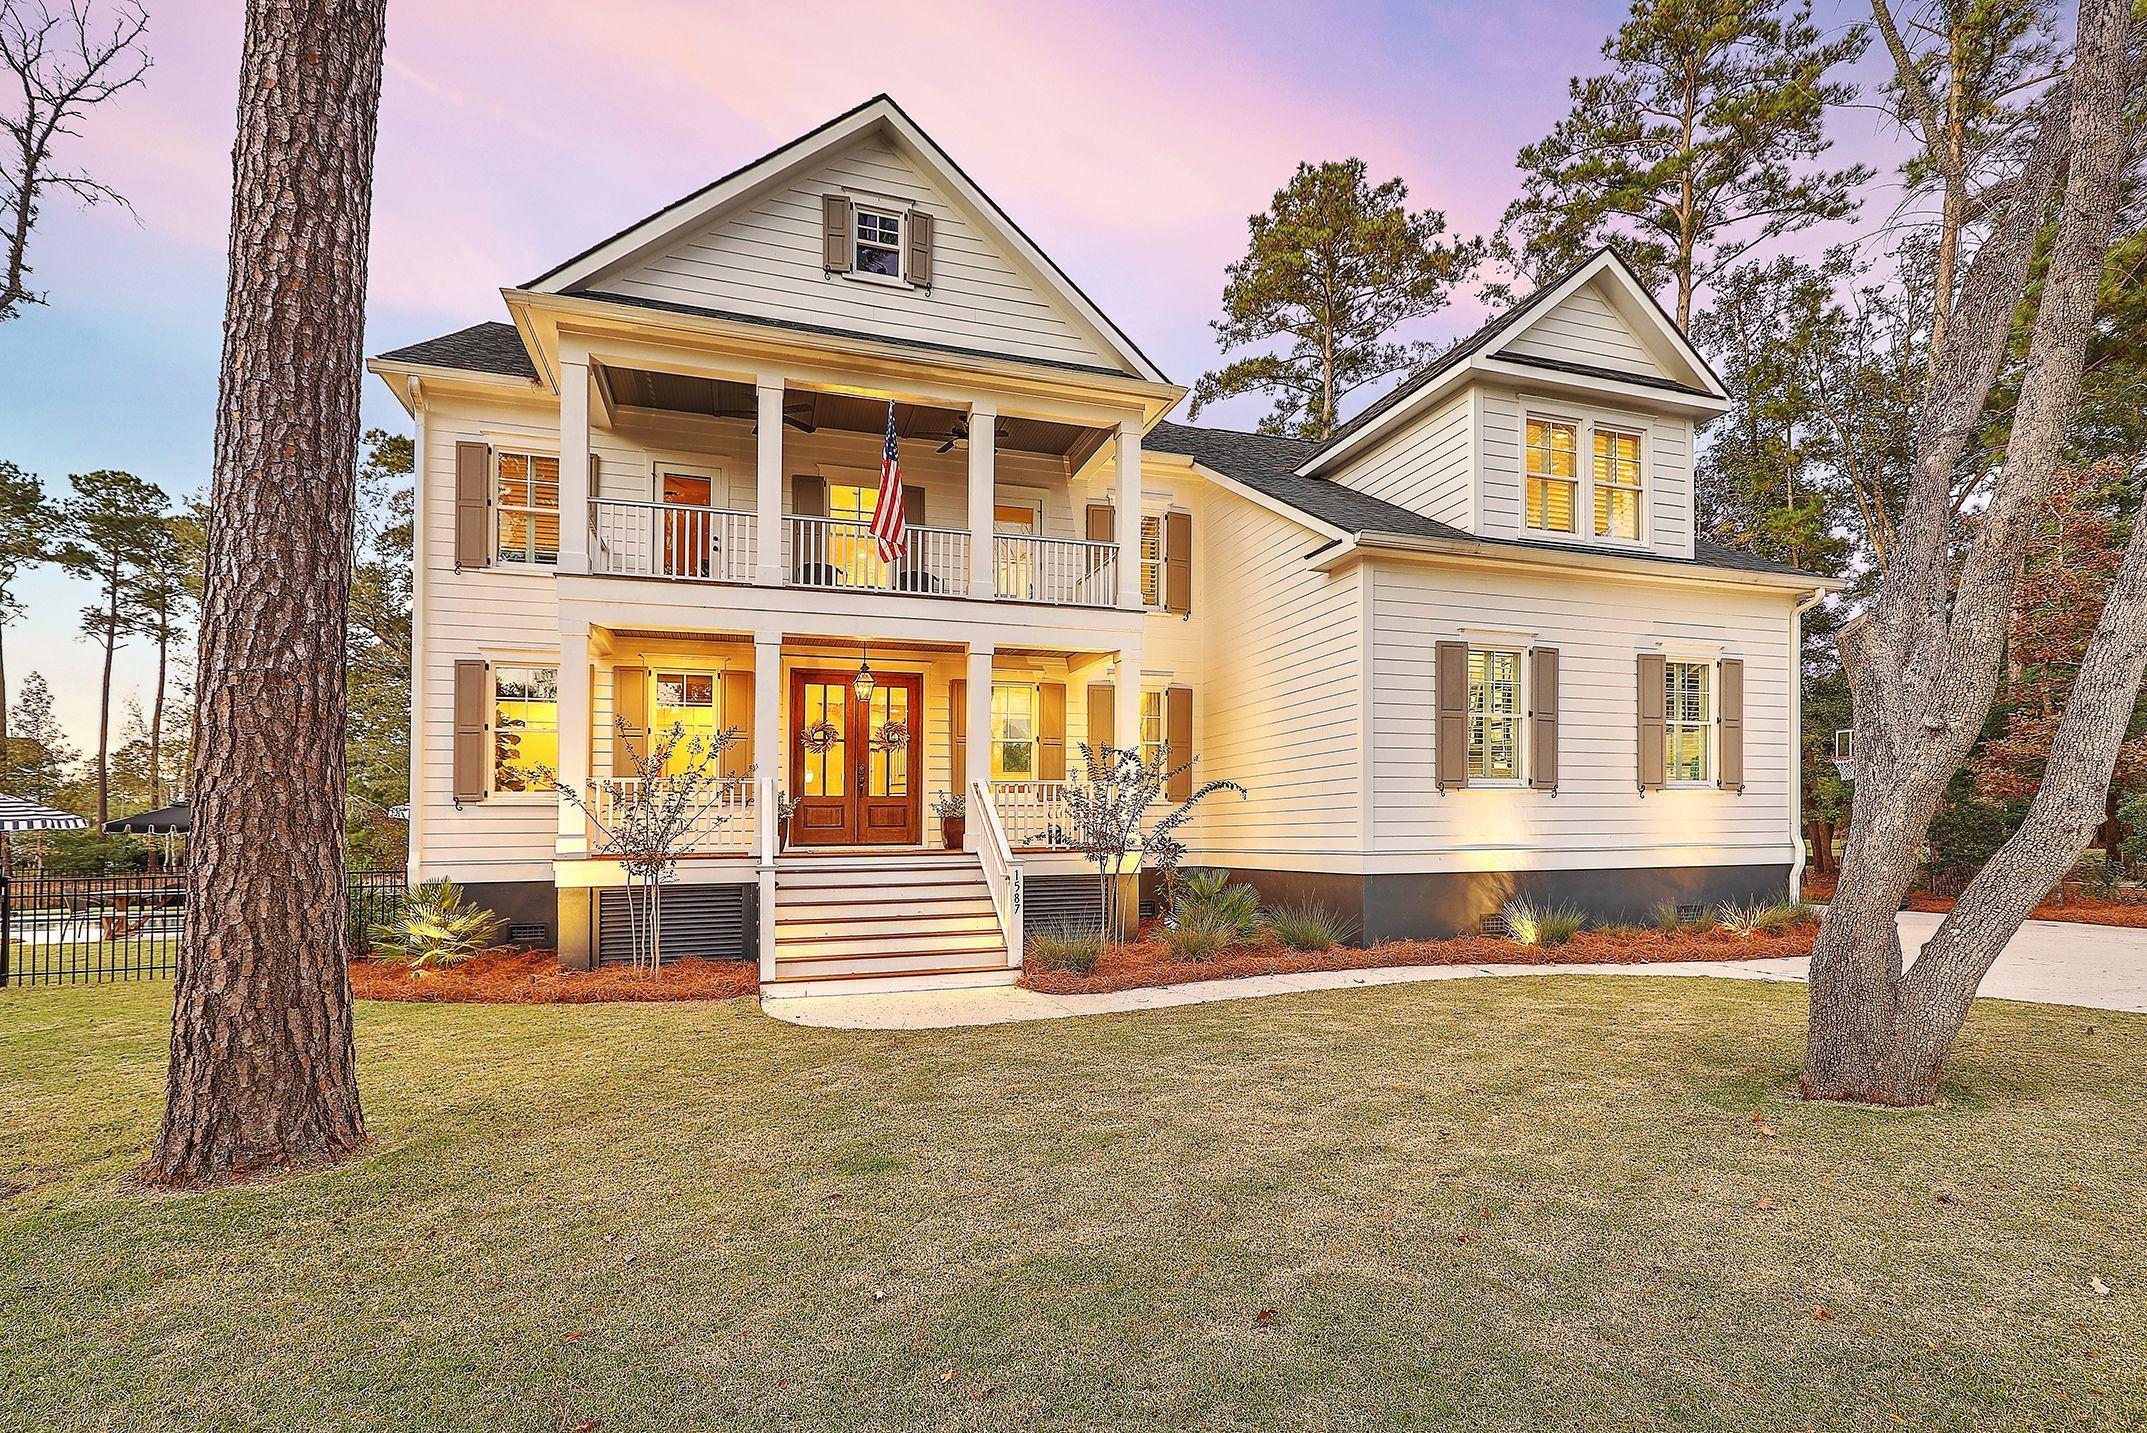 Park West Homes For Sale - 1587 Capel, Mount Pleasant, SC - 1